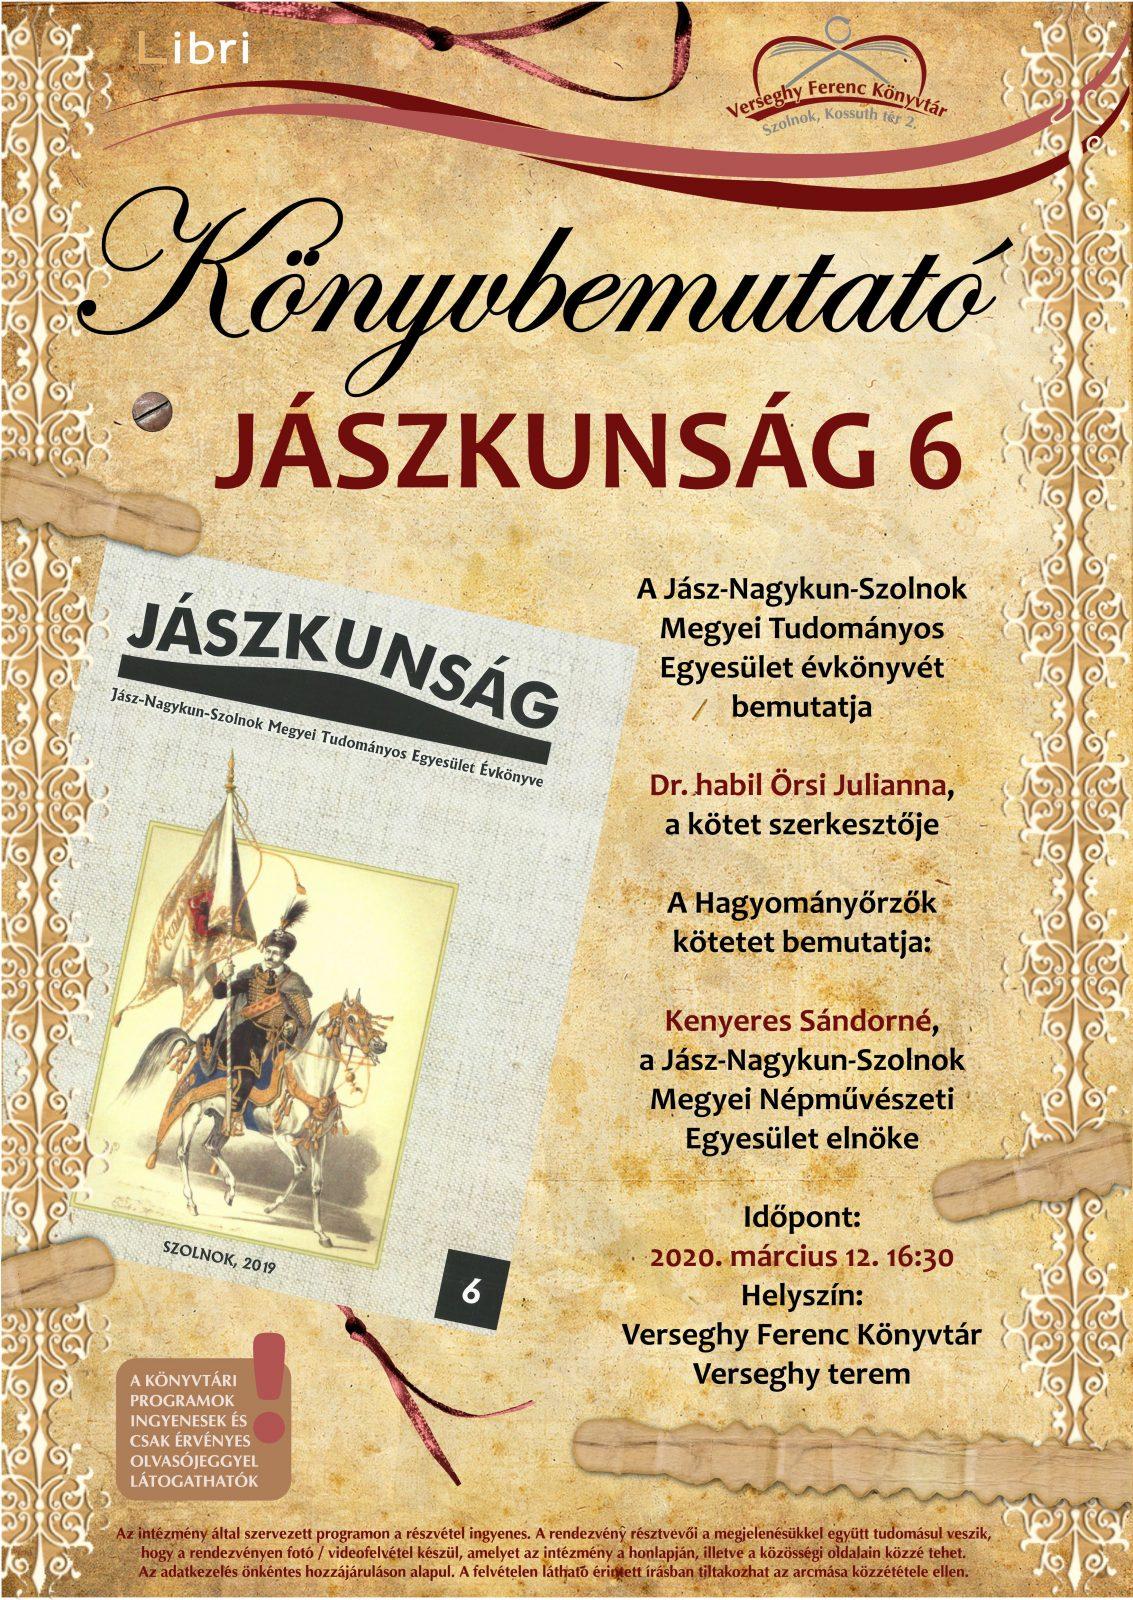 2020.03.12. Jászkunság. Plakát